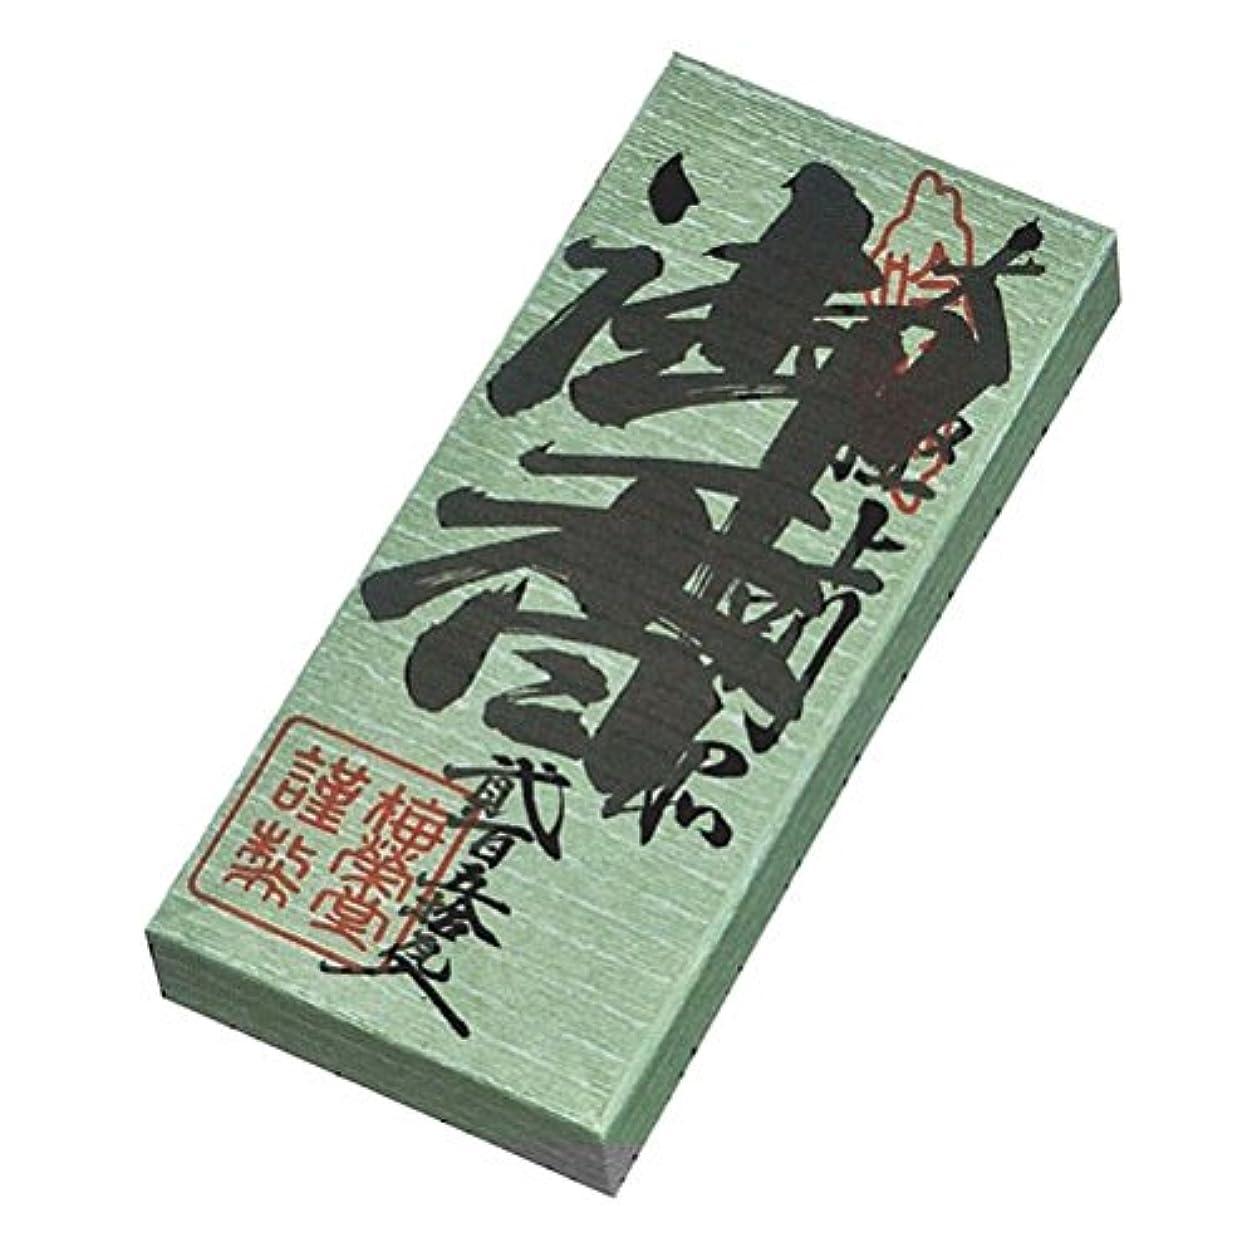 行商胚滑りやすい超徳印 250g 紙箱入り お焼香 梅栄堂